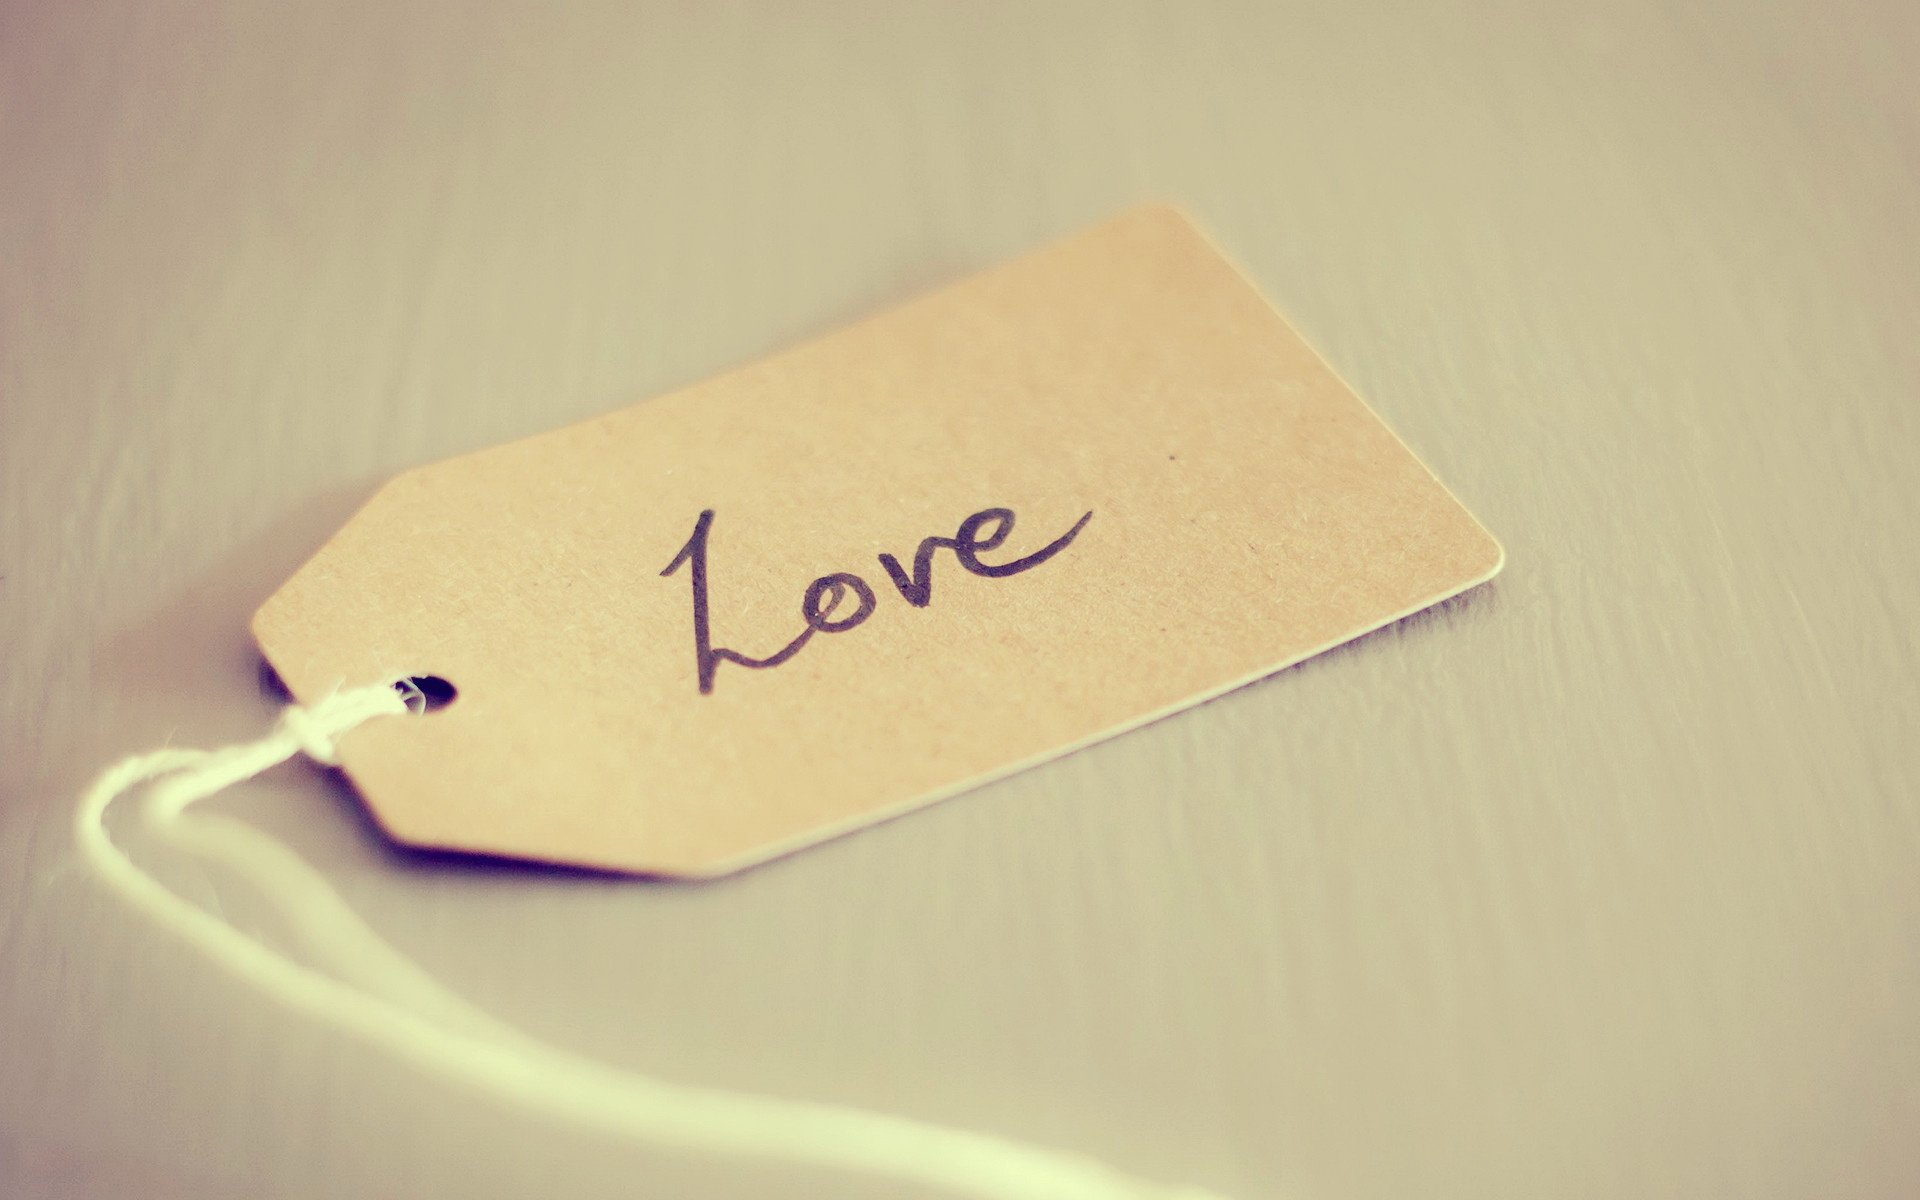 爱情美图,爱情箴言,爱情,简单,表白